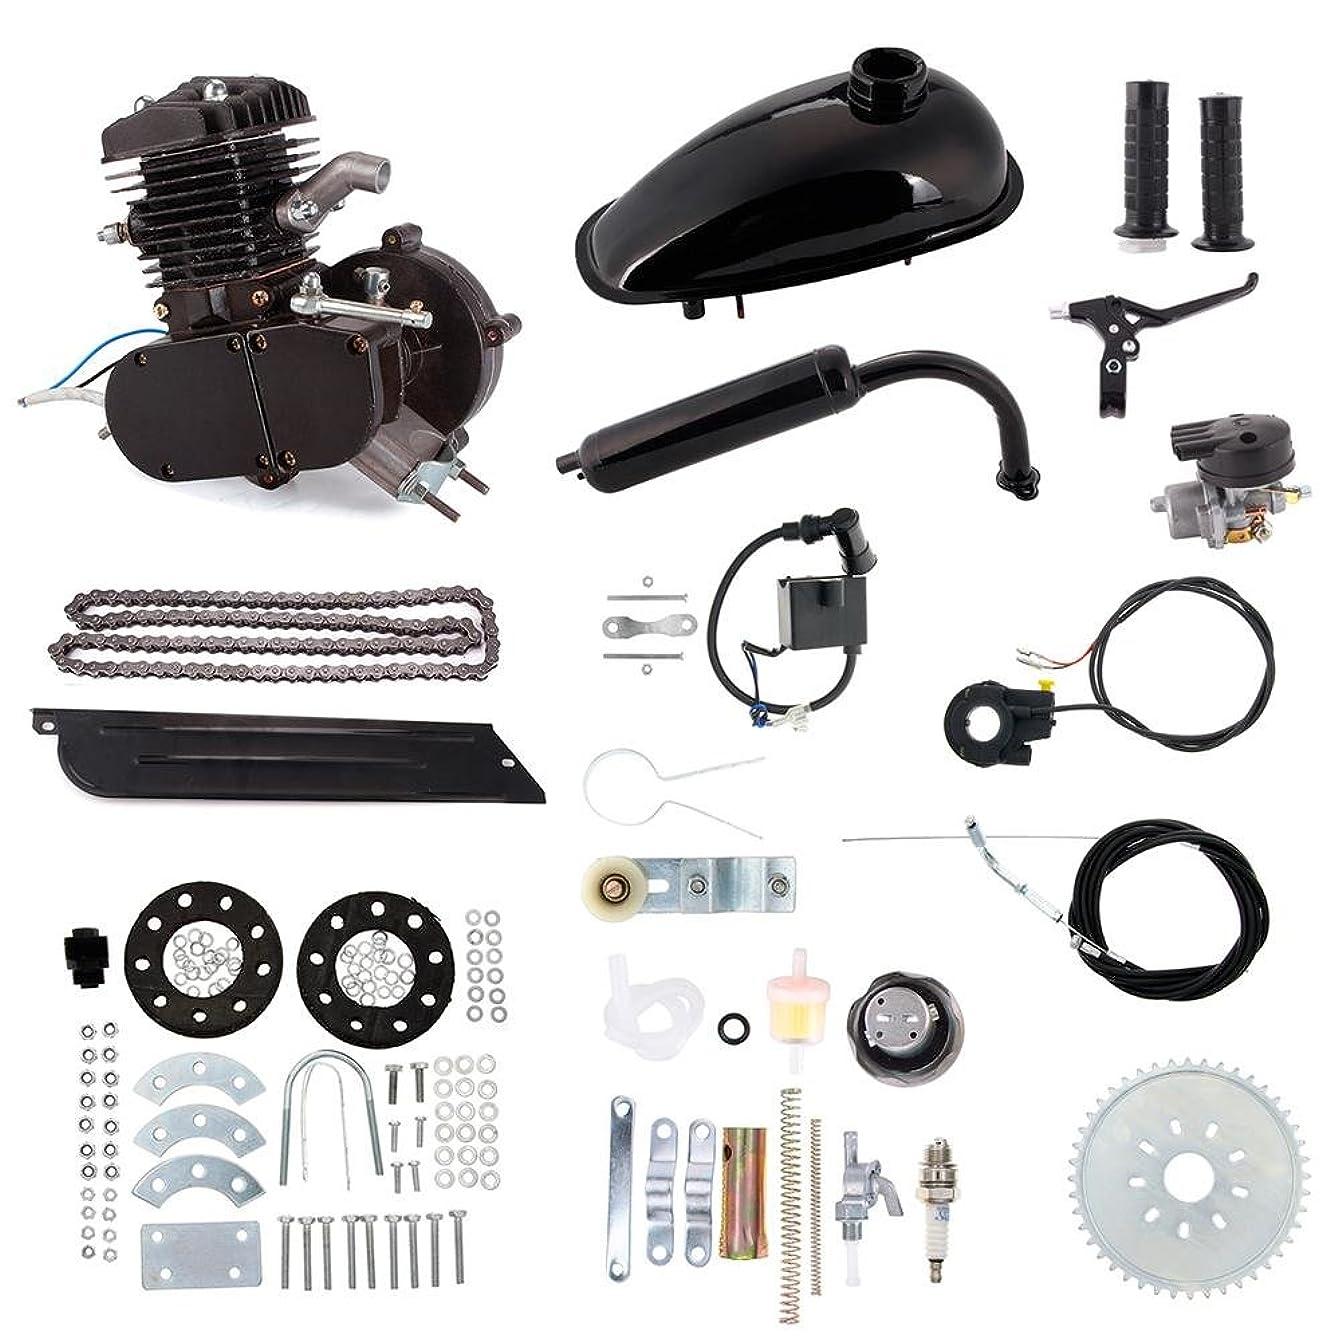 天井食堂ビジョンNiome 80cc 2ストローク 自転車ガソリンエンジン 空気冷却モーターキット 電動自転車プッシュバイク用